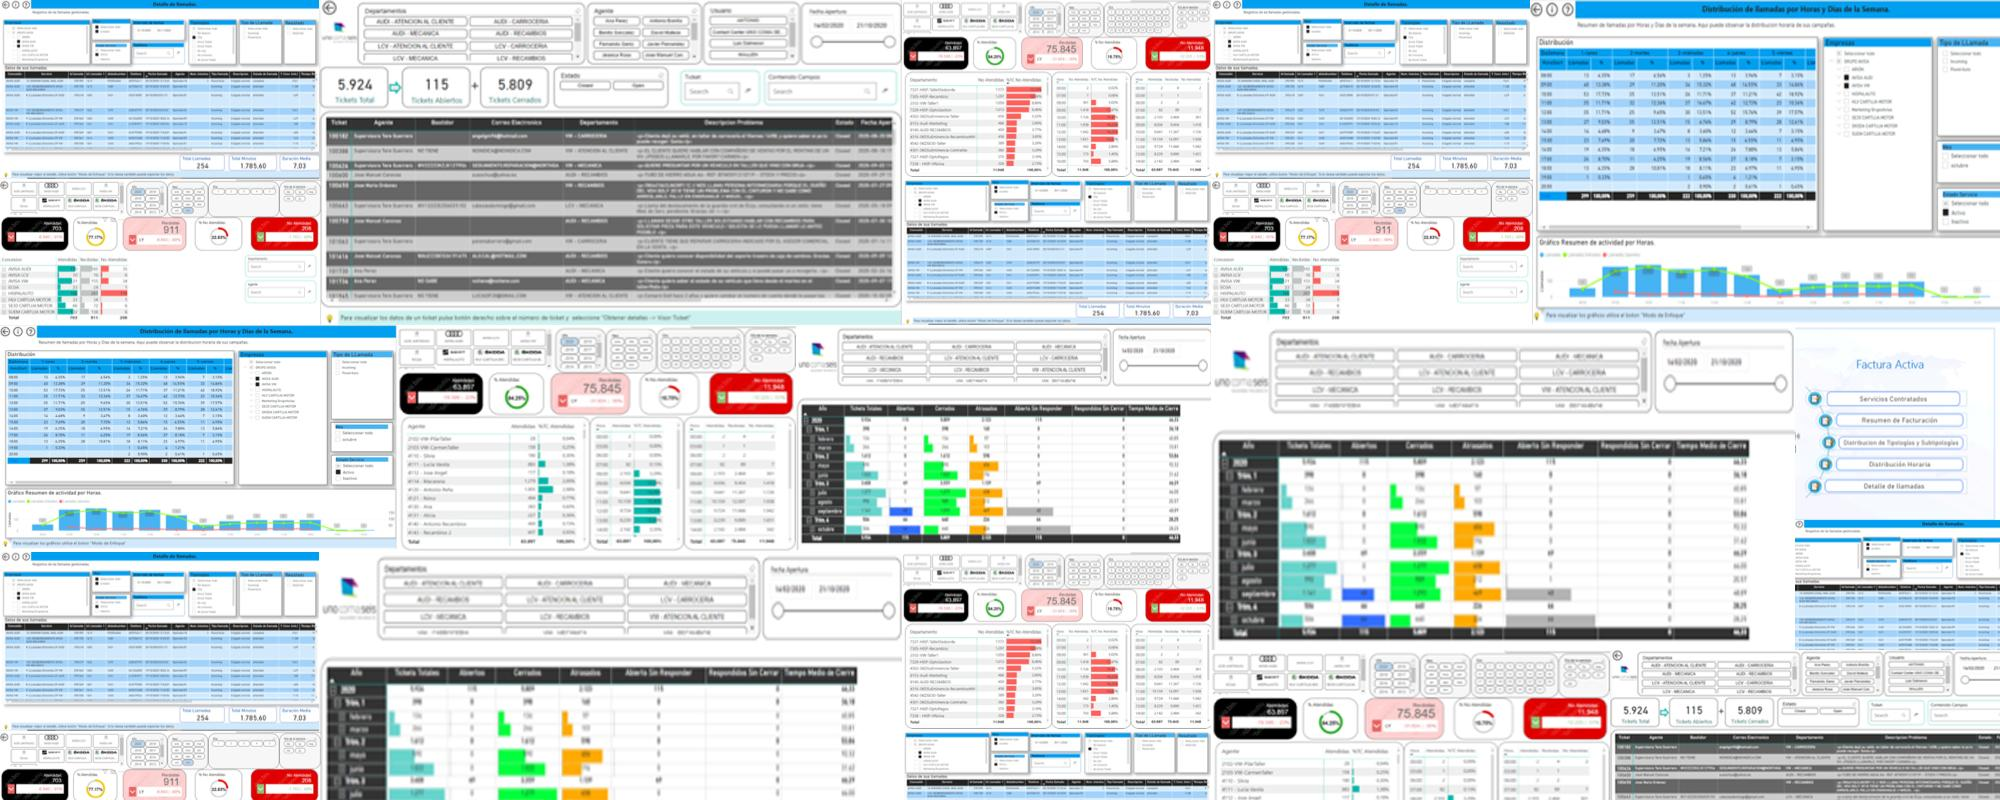 Noticia Los datos: una información de gran valor para mejorar la atención al cliente en concesionarios